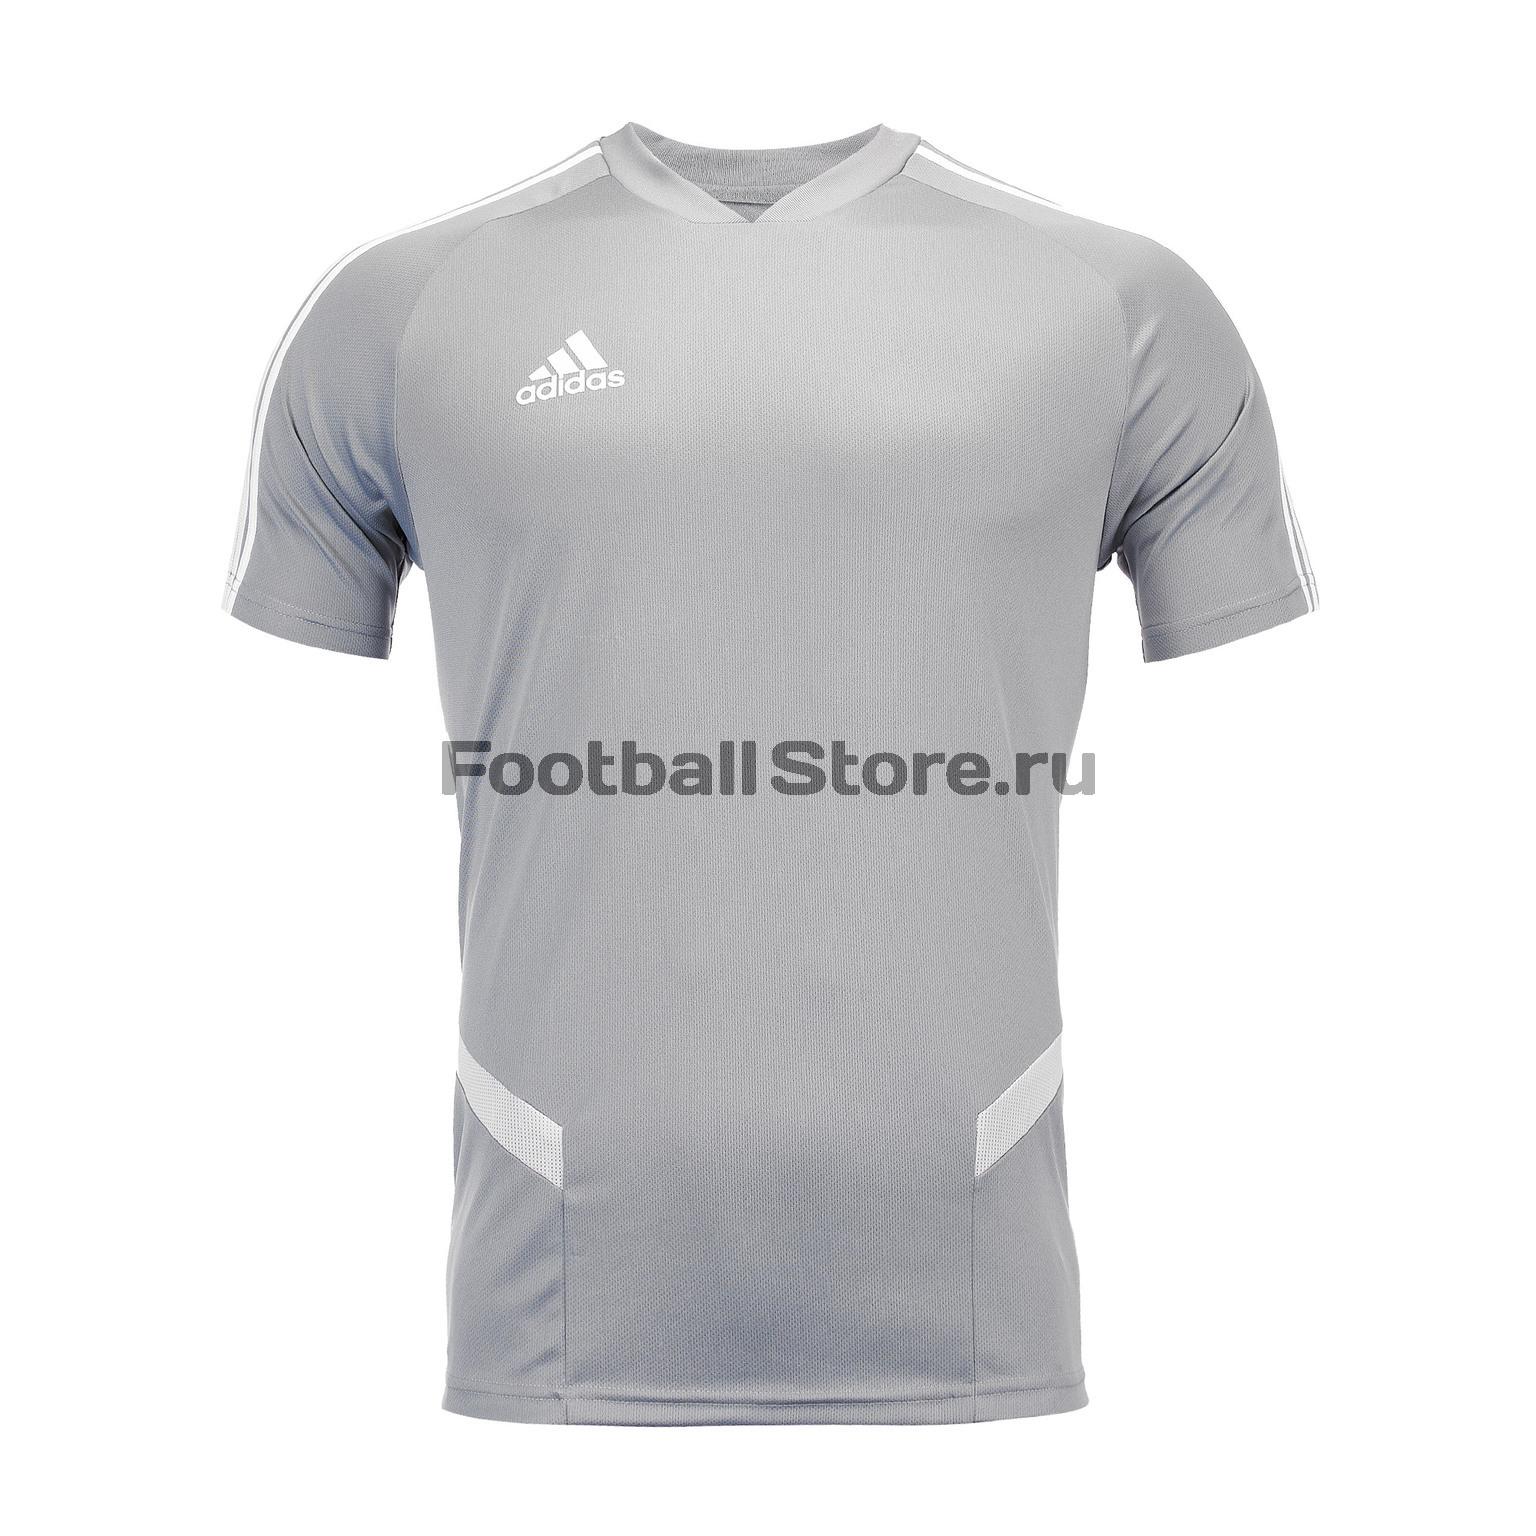 Футболка тренировочная Adidas Tiro19 TR JSY DW4807 футболка тренировочная adidas tiro19 tr jsy dt5288